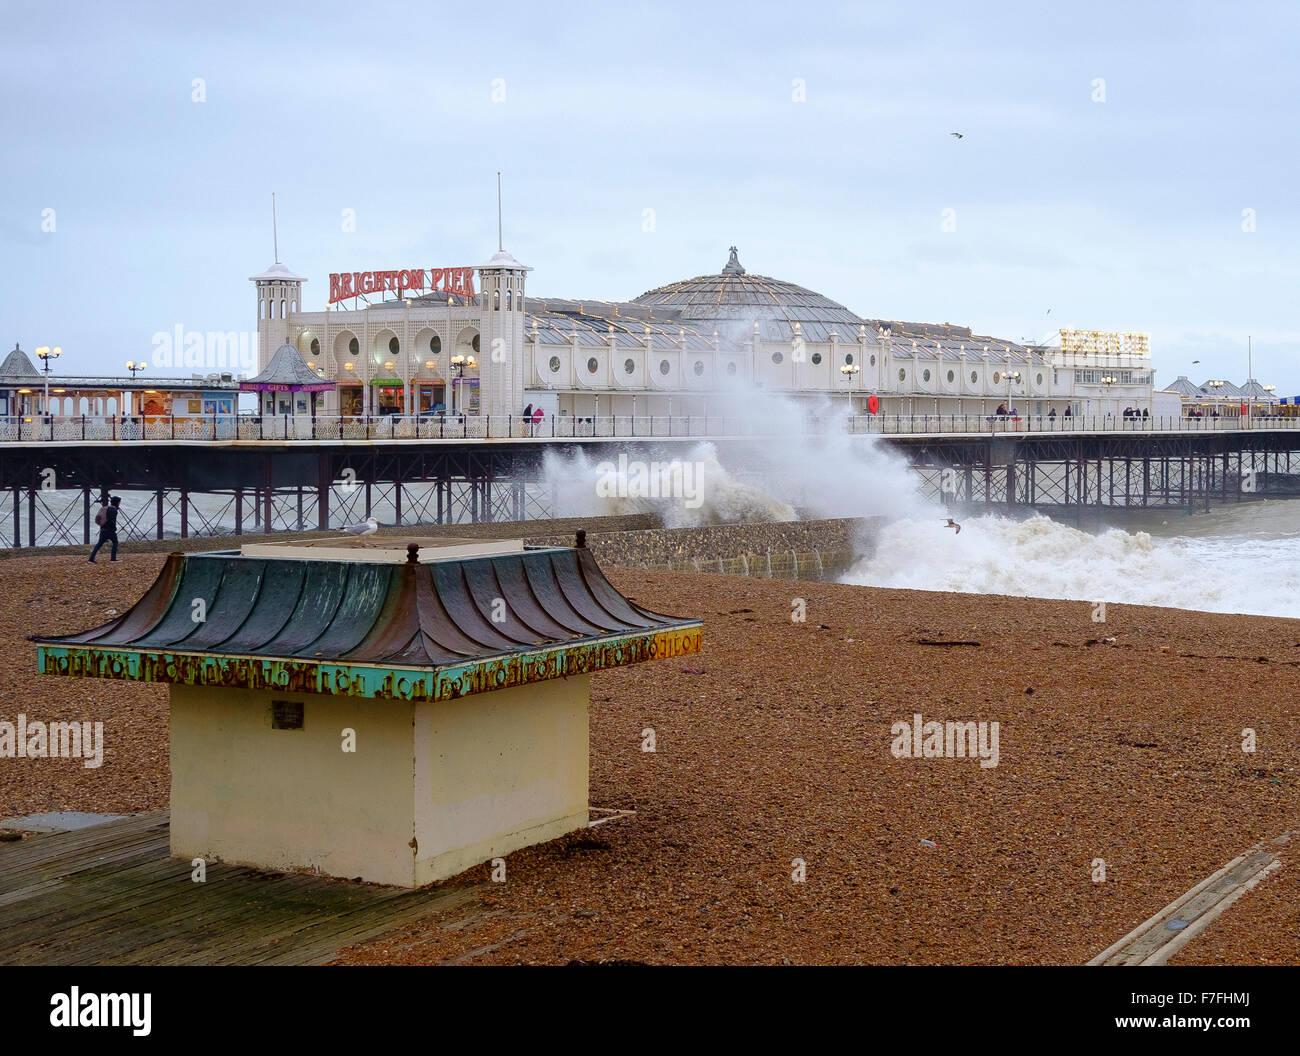 Brighton, Reino Unido. 30 Nov, 2015. Con ráfagas de viento de 60 mph, y un casi desierta playa, al embarcadero de Brighton enfrenta mares tormentosos. Scott Hortop/Alamy Live News Foto de stock